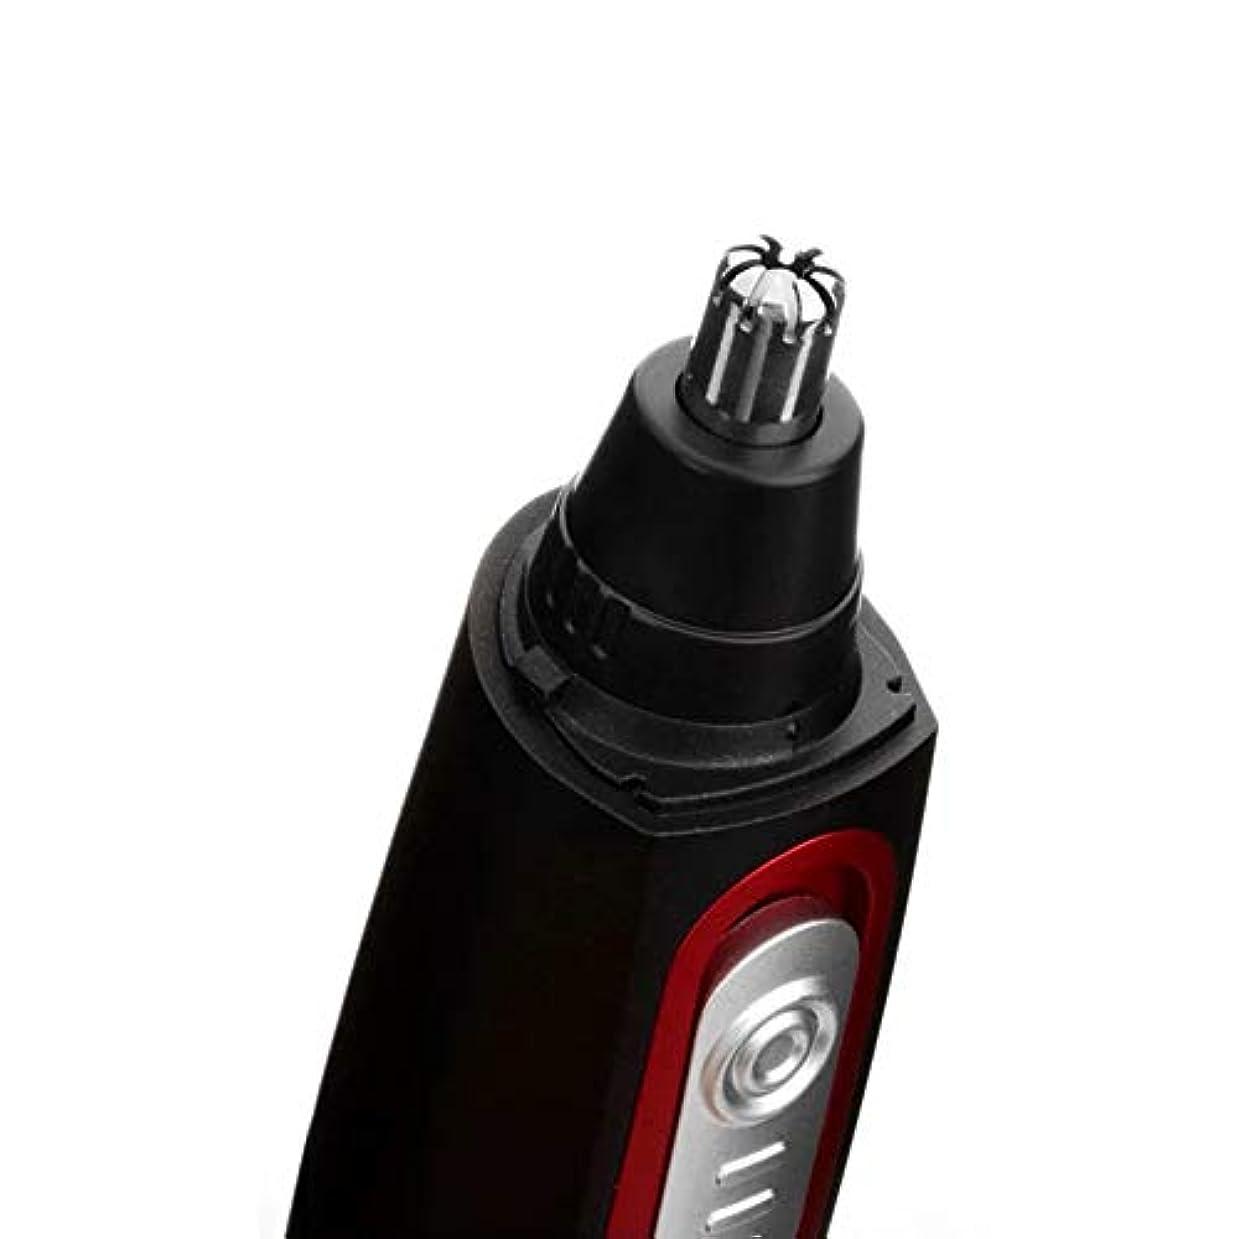 ブレーキ権限を与える締めるノーズヘアトリマー/メンズシェービングノーズヘアスクレーピングノーズヘアハサミ/ 360°効果的なキャプチャー/三次元ロータリーカッターヘッドデザイン/ 14cm ユニークで斬新